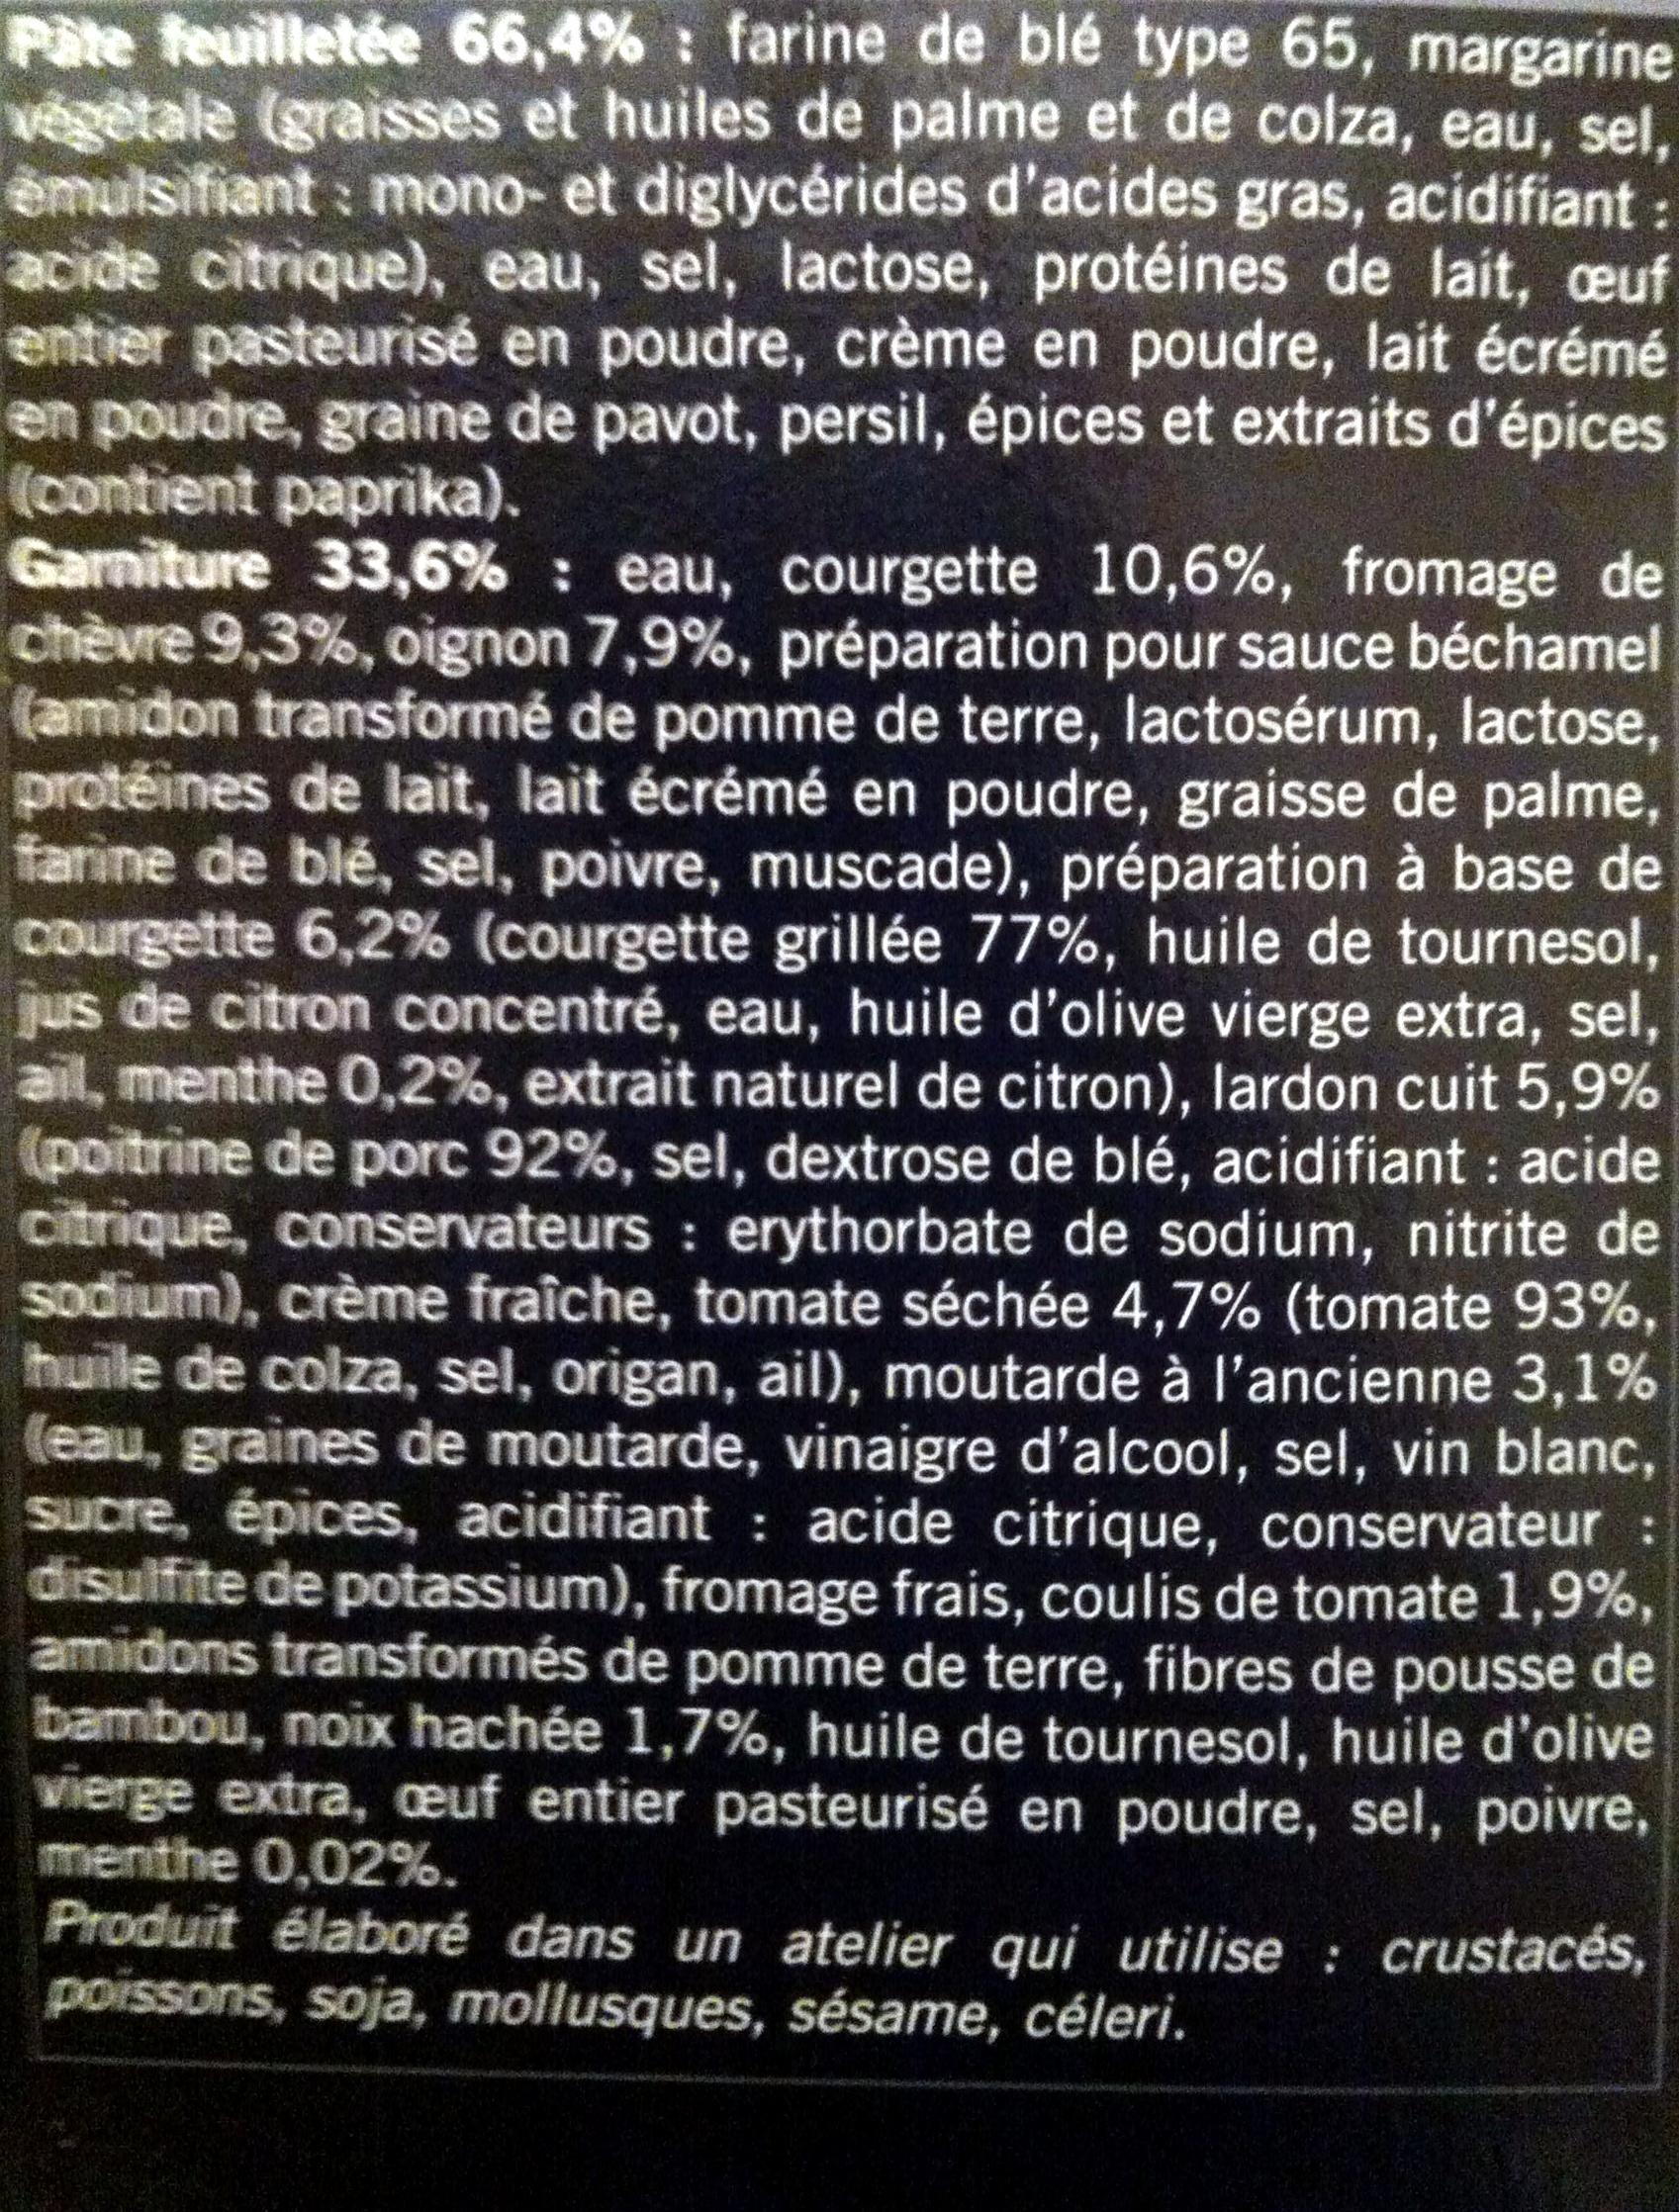 30 Mini-feuilletés apéritifs - surgelés 405 g - Ingredients